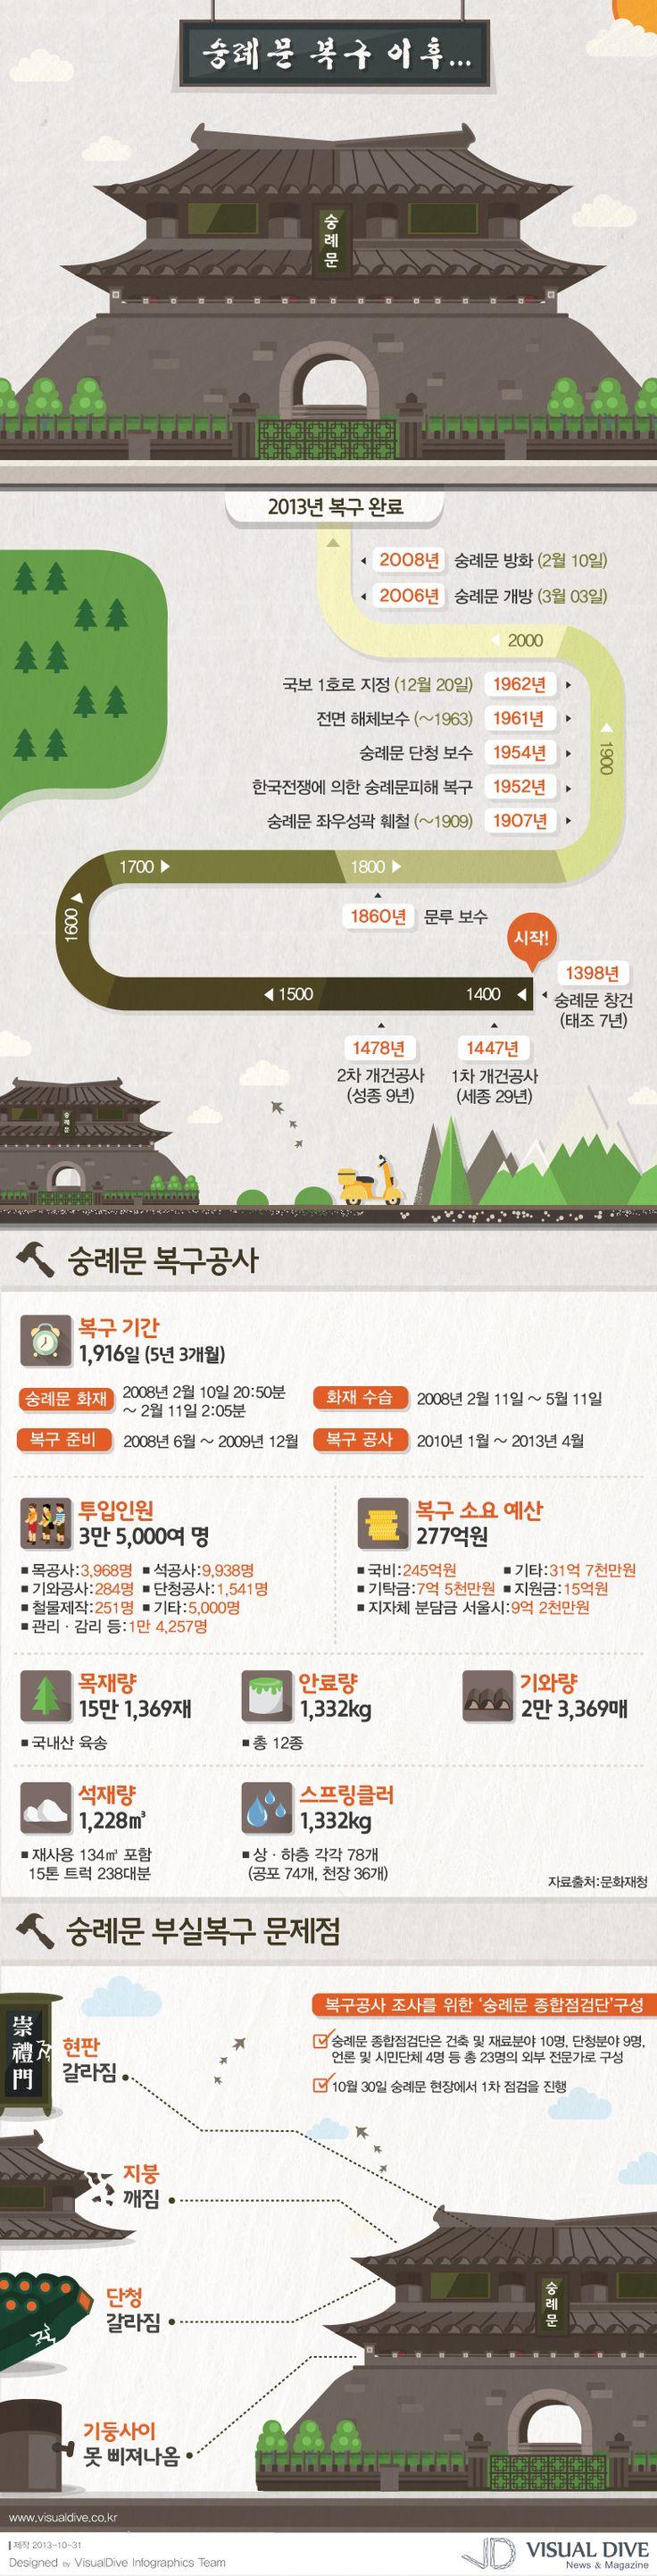 """[인포그래픽] 숭례문 부실복구 논란…'숭례문의 과거와 현재' #Sungnyemun / #Infographic"""" ⓒ 비주얼다이브 무단 복사·전재·재배포 금지"""